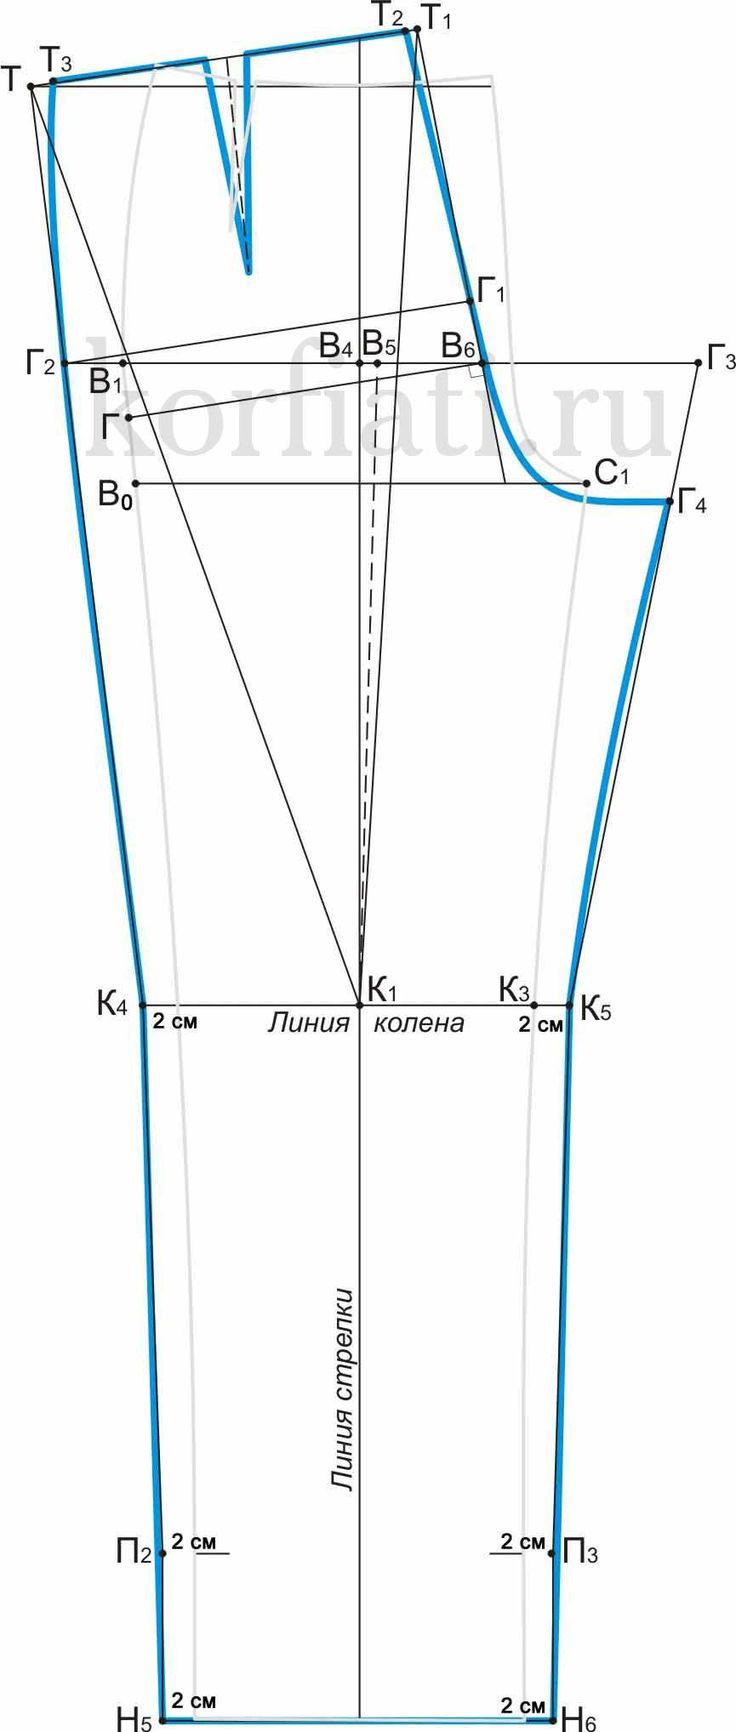 Выкройка женских брюк - задняя половинка